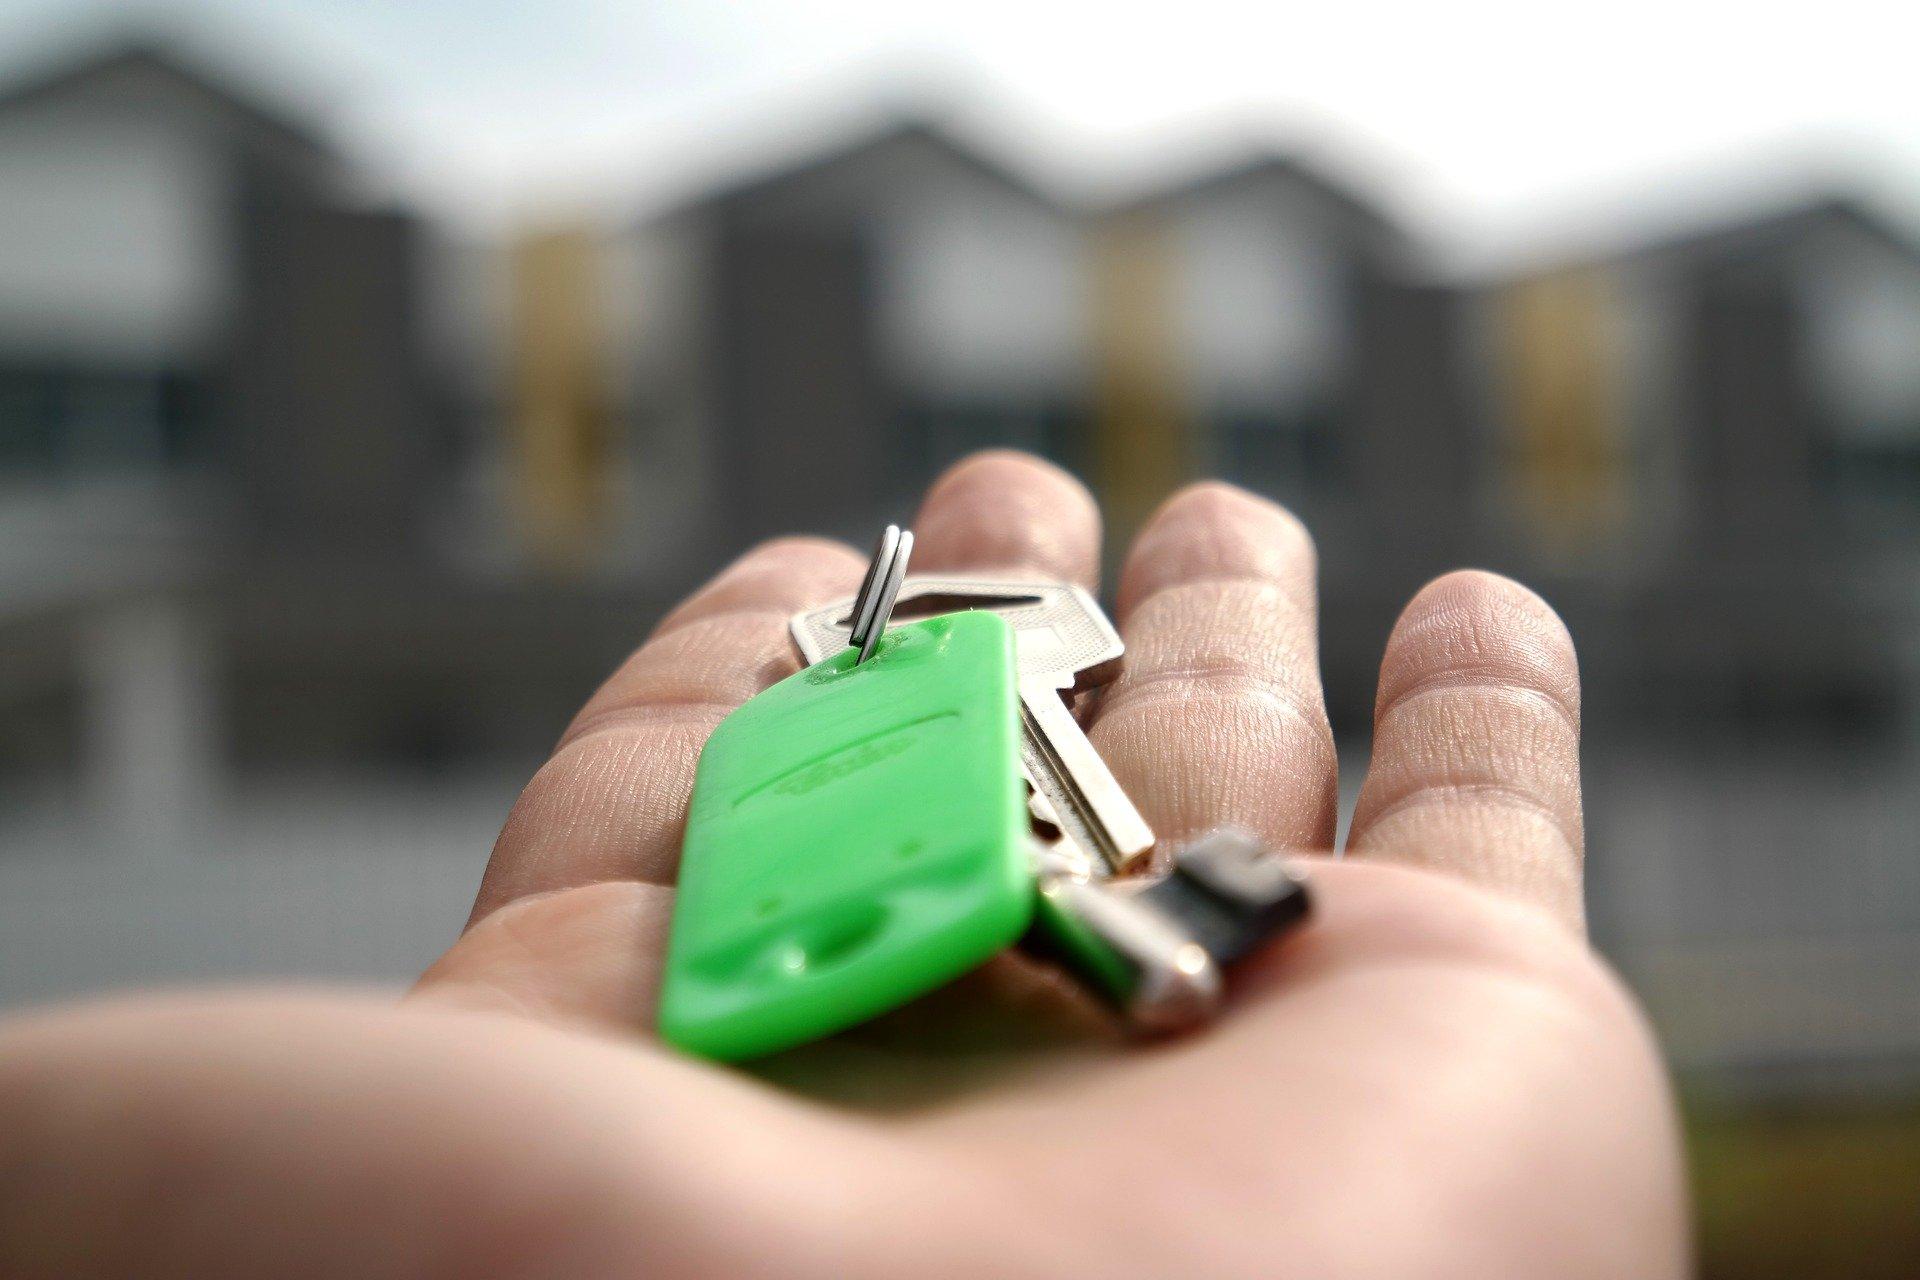 La mejor inmobiliaria en Zaragoza para escoger tu vivienda